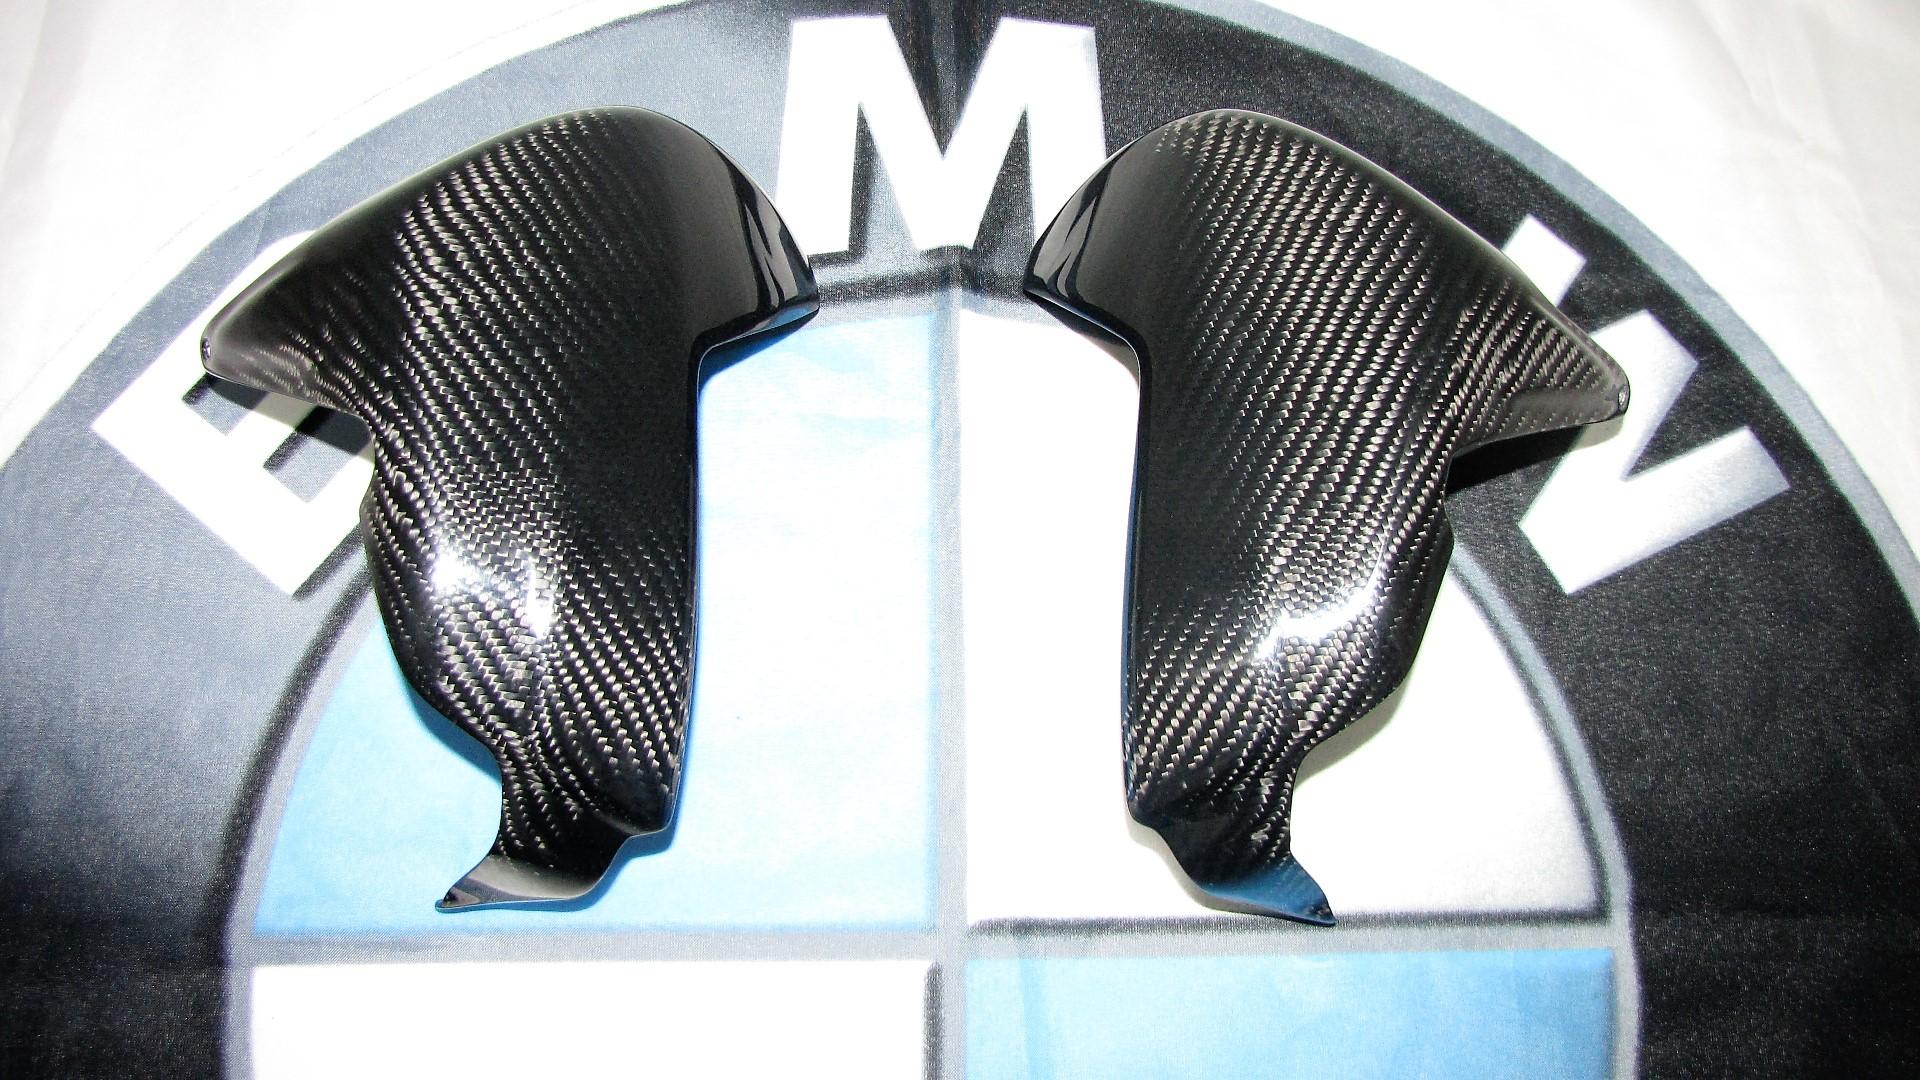 Für BMW Adventure Carbon Abdeckung Ventildeckel R 1200 GS 2004-20009